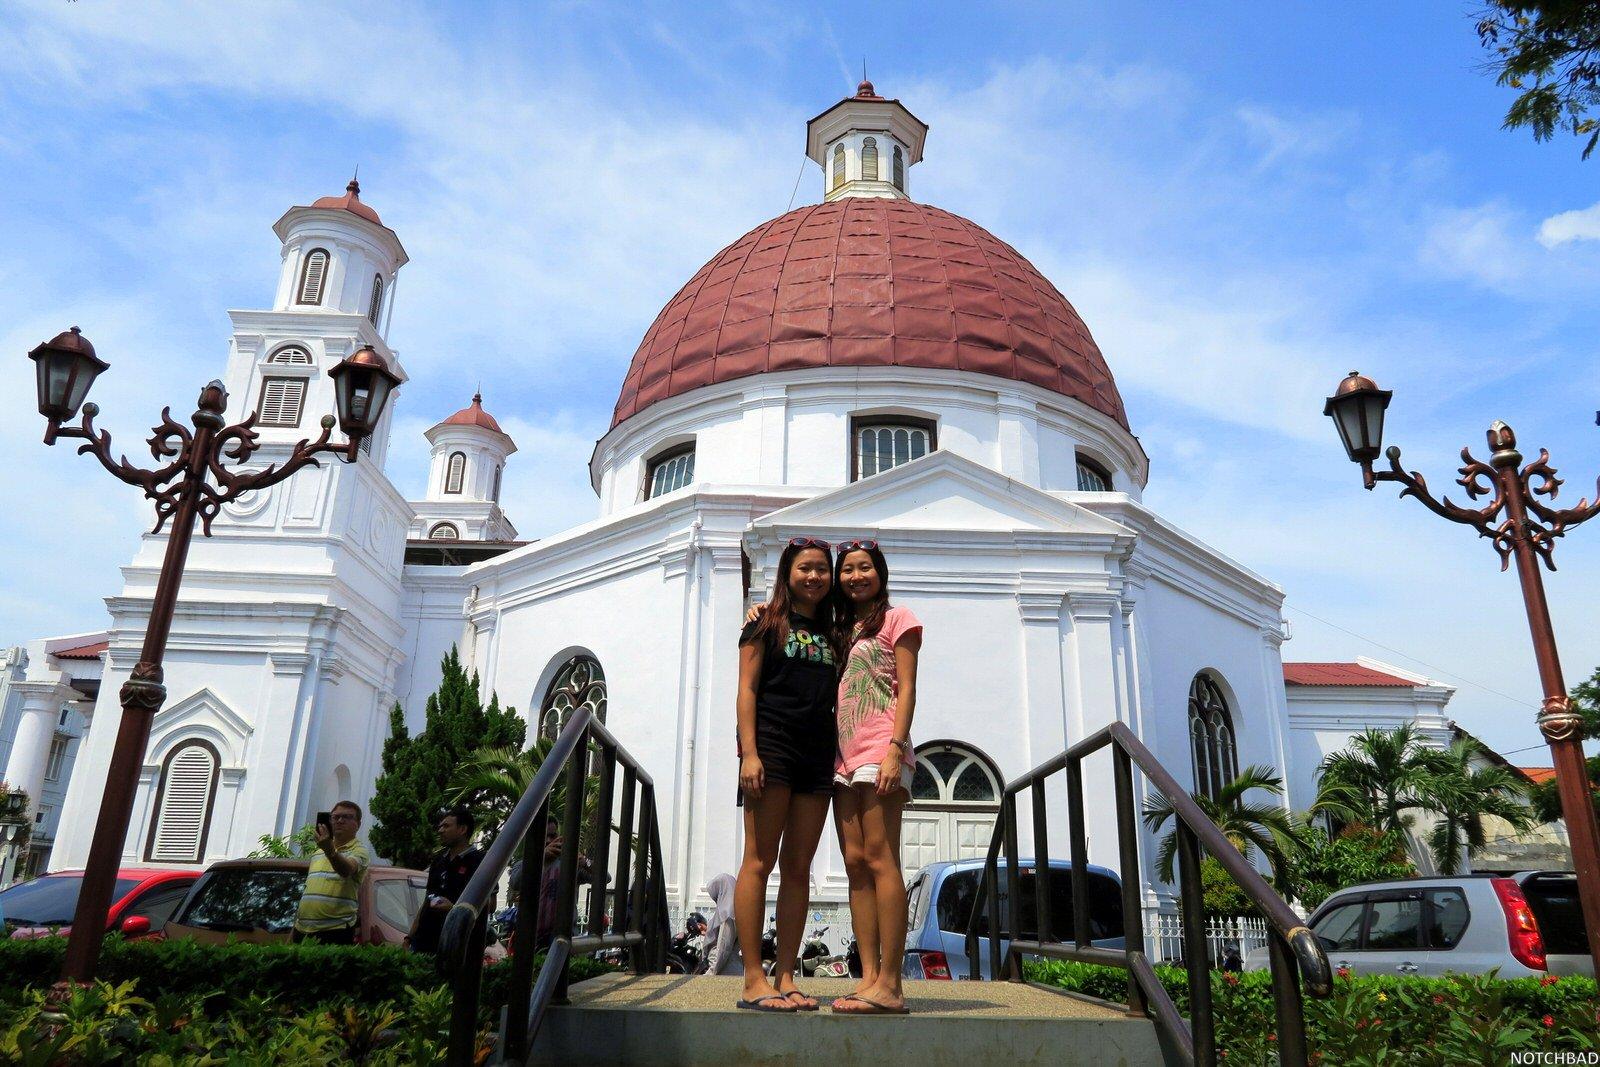 Semarang Day 3 Notchbad Gereja Blenduk Kab